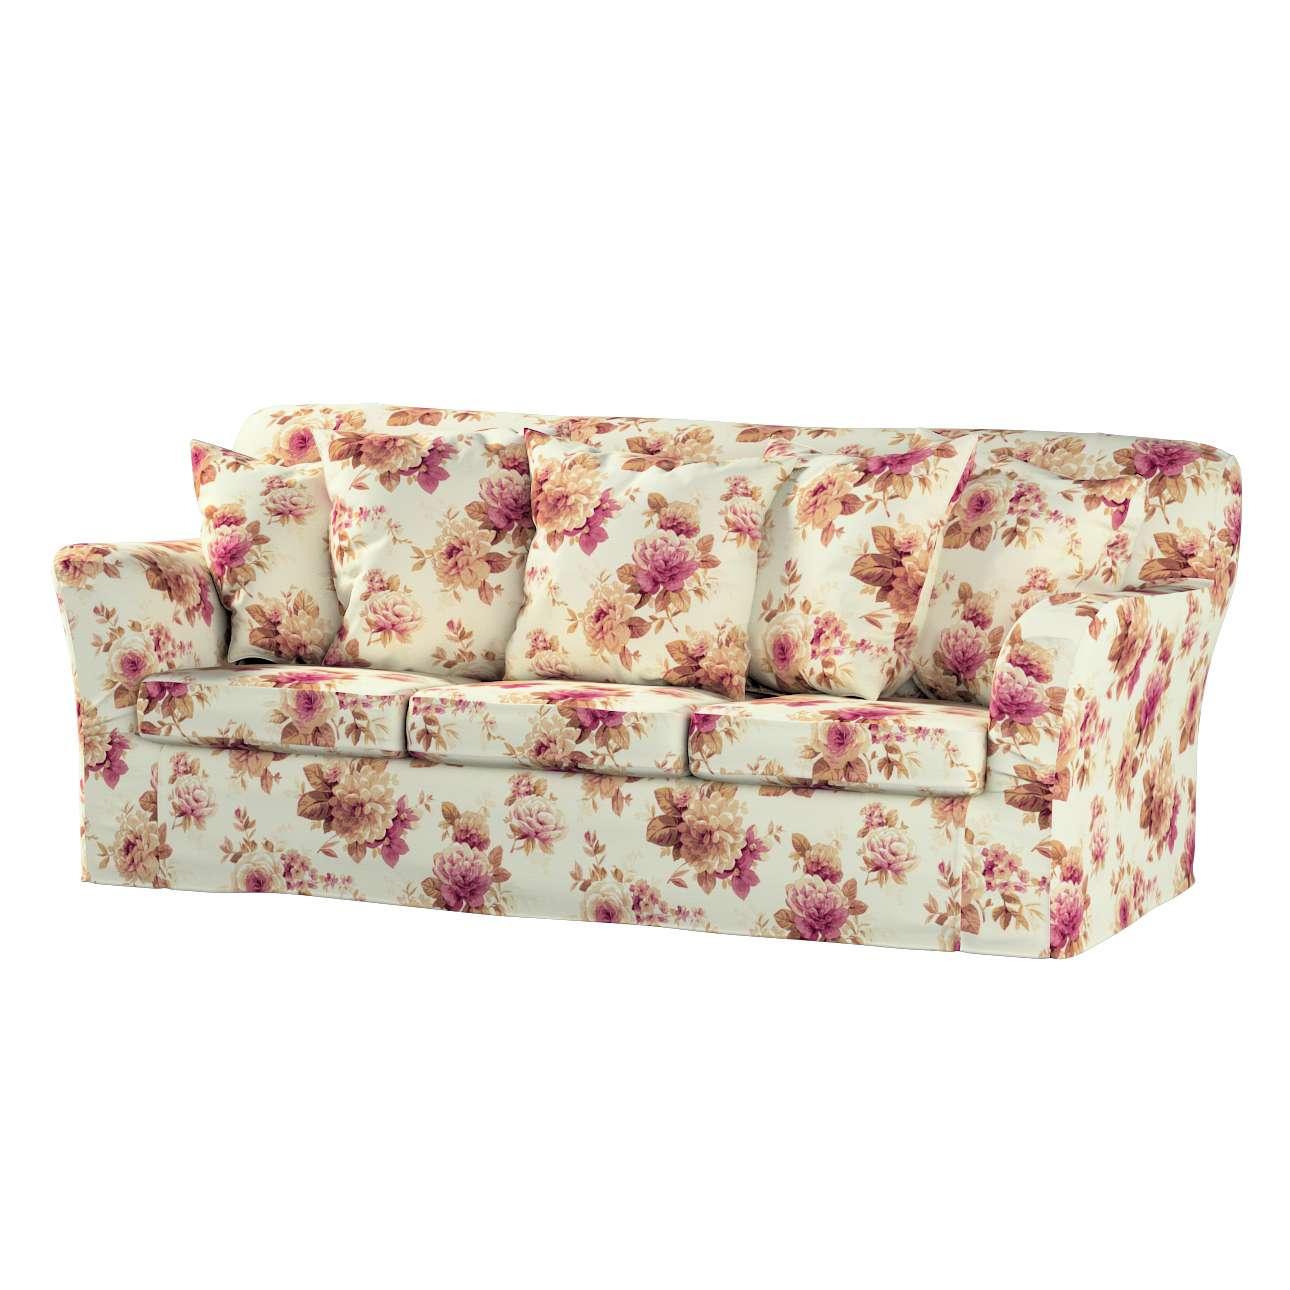 TOMELILLA  trivietės sofos užvalkalas TOMELILLA trivietė sofa kolekcijoje Mirella, audinys: 141-06